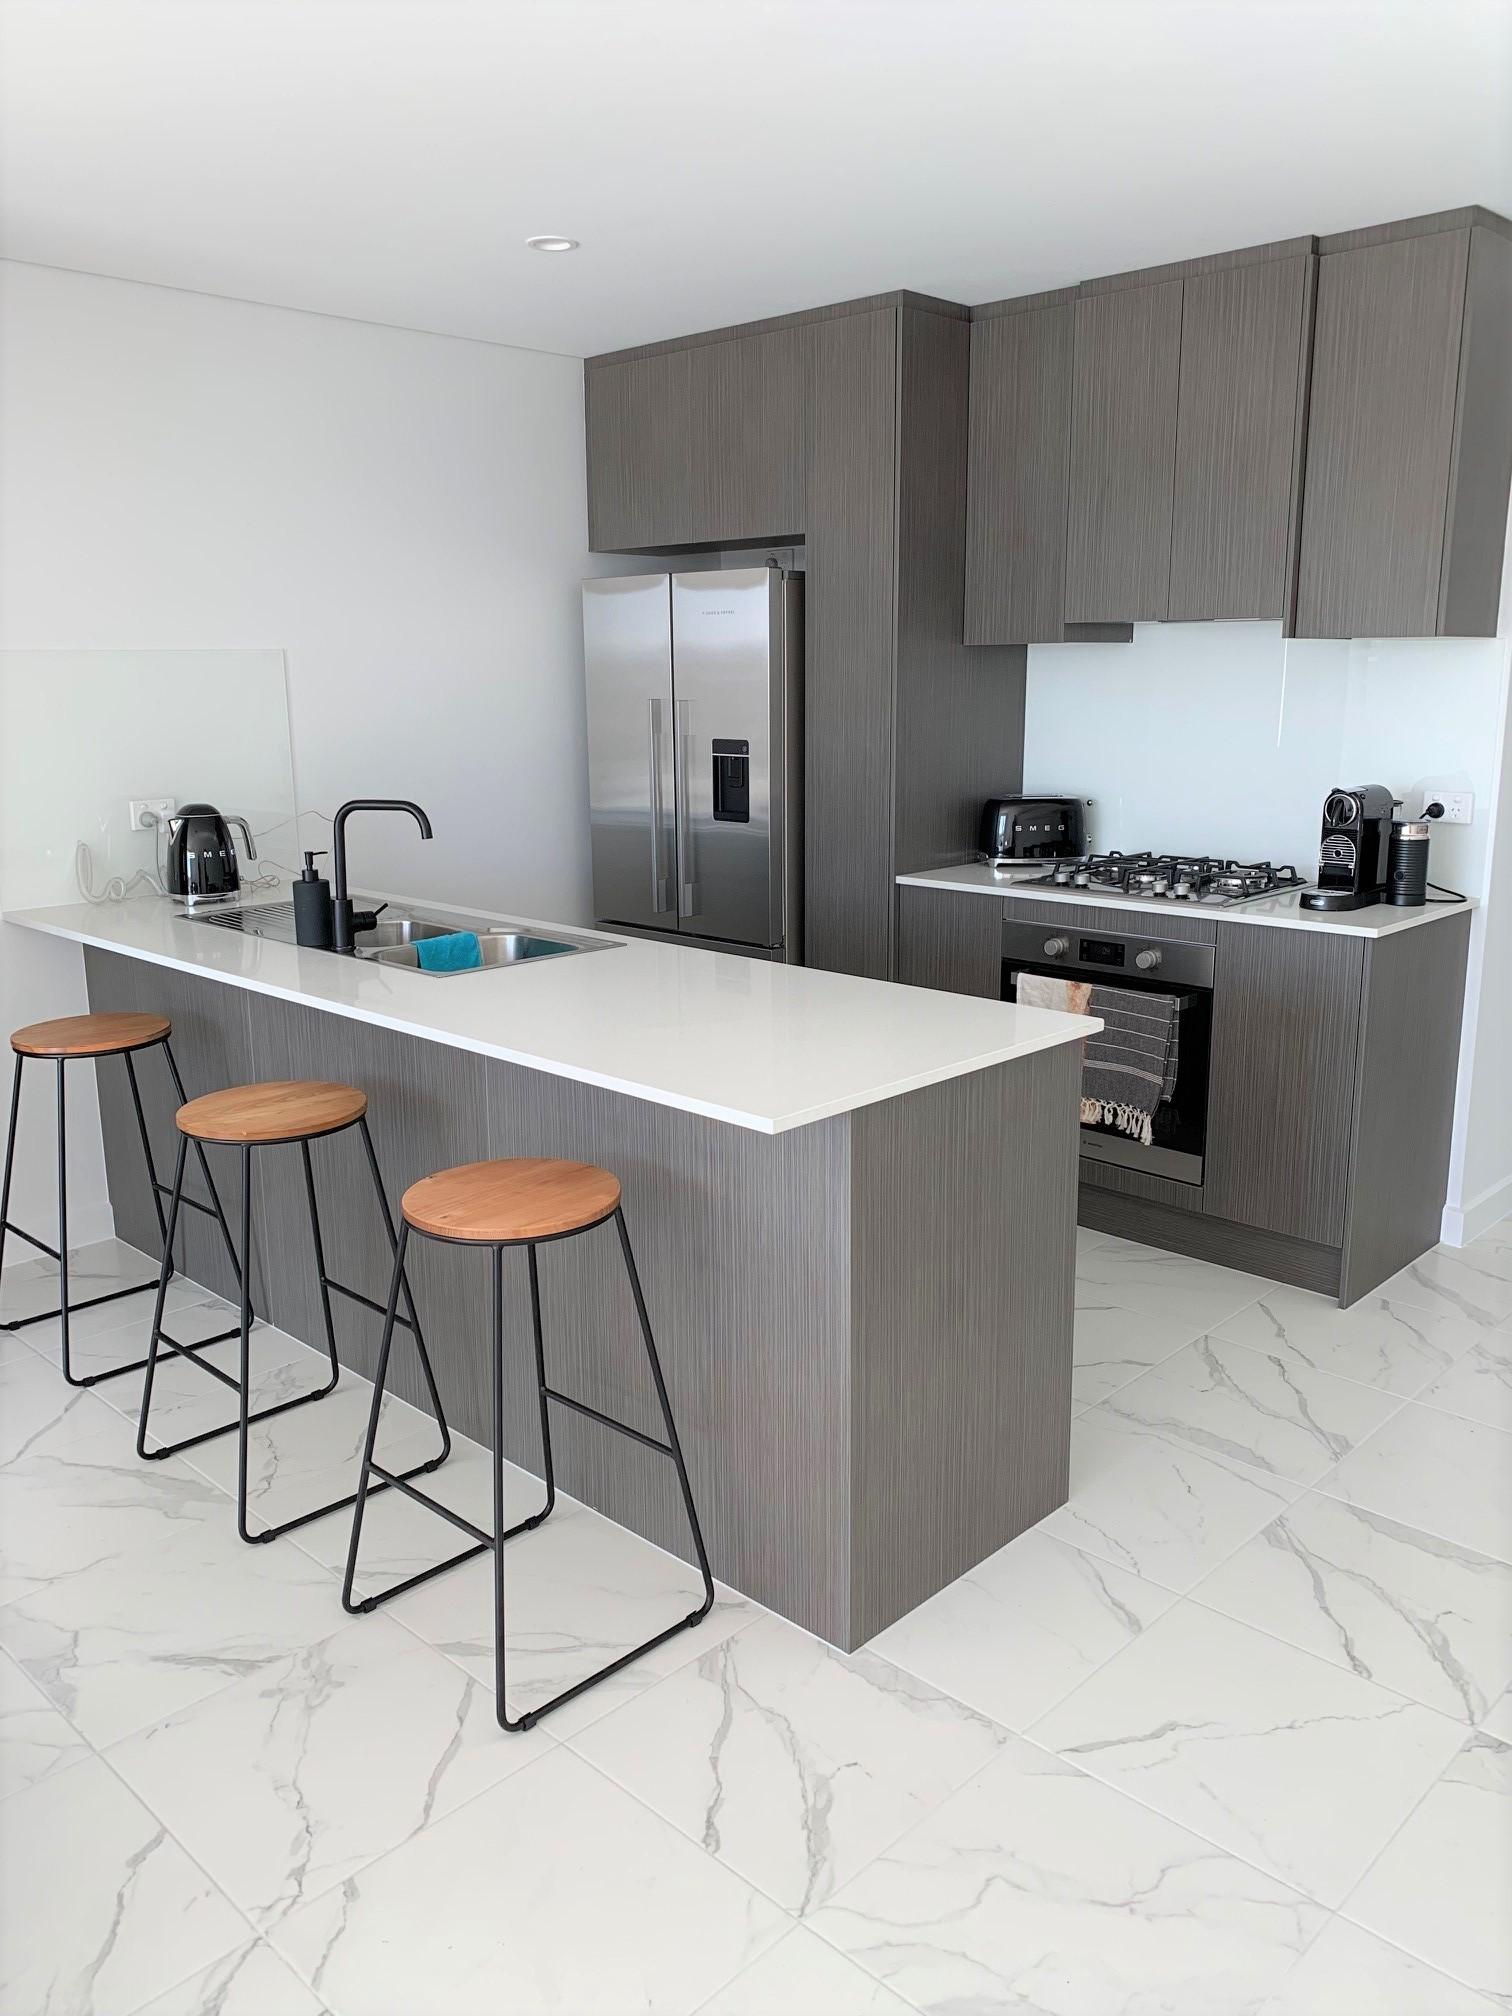 mydimport-1596538635-hires.29673-kitchen.jpg